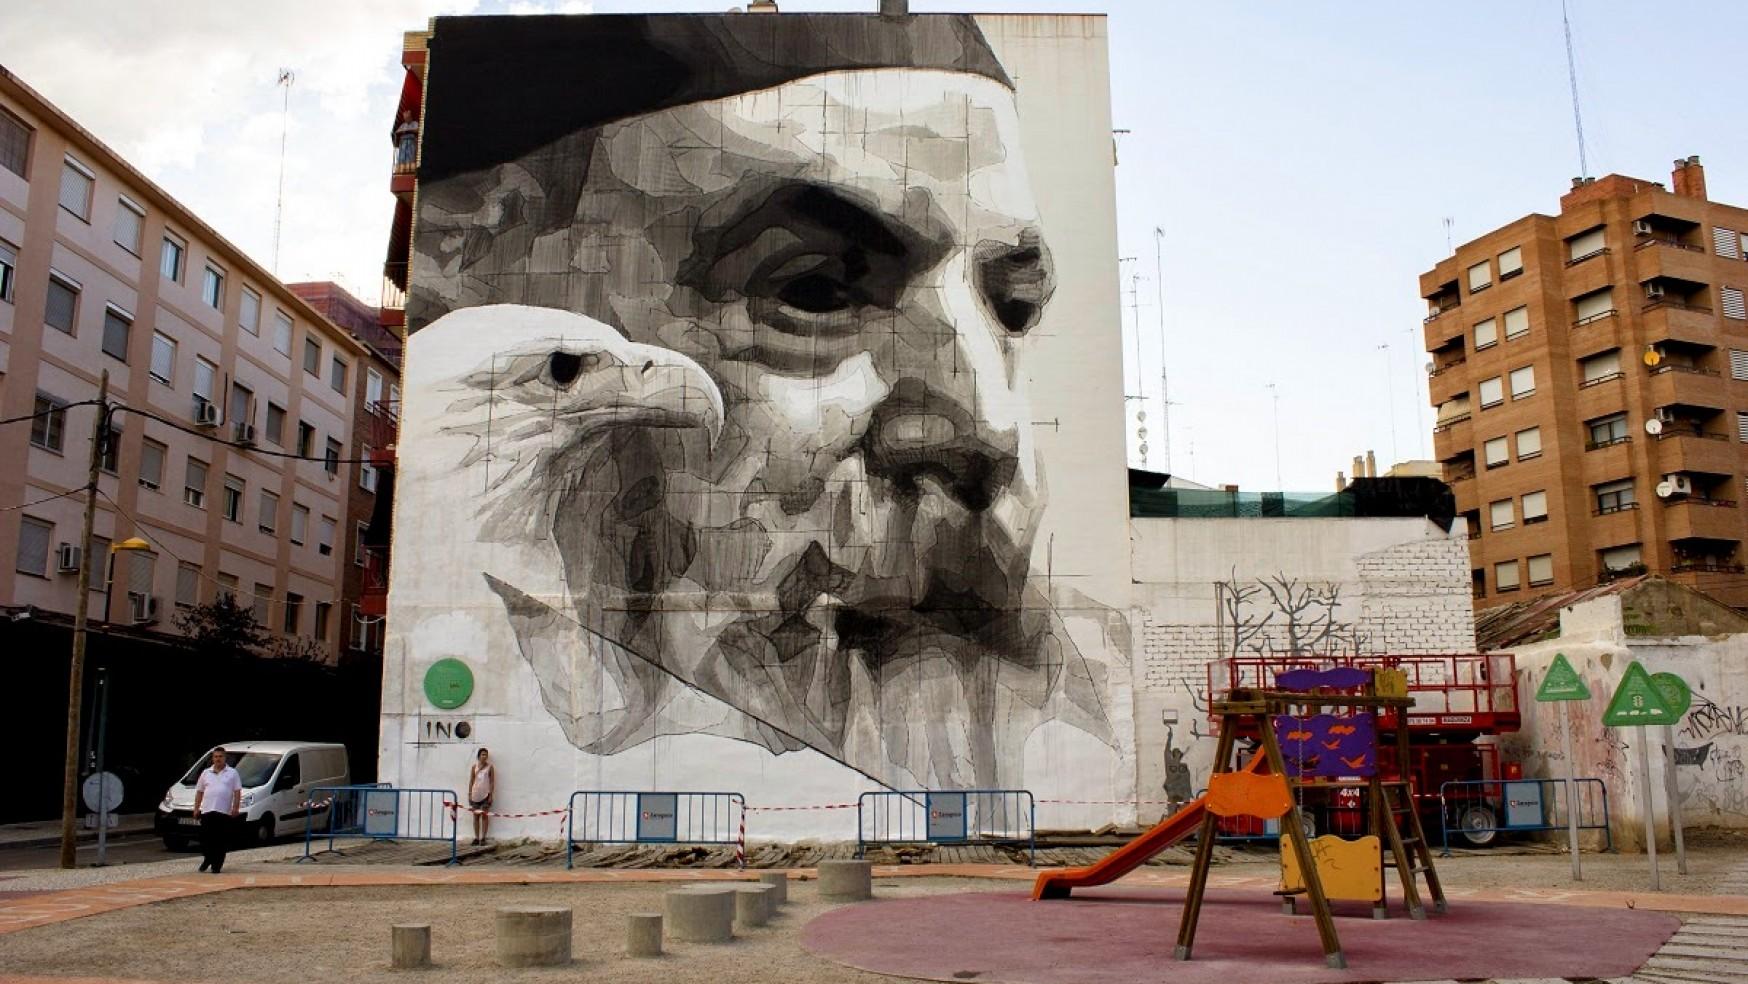 Asalto Festival. Festival Internacional de Arte Urbano (Zaragoza)